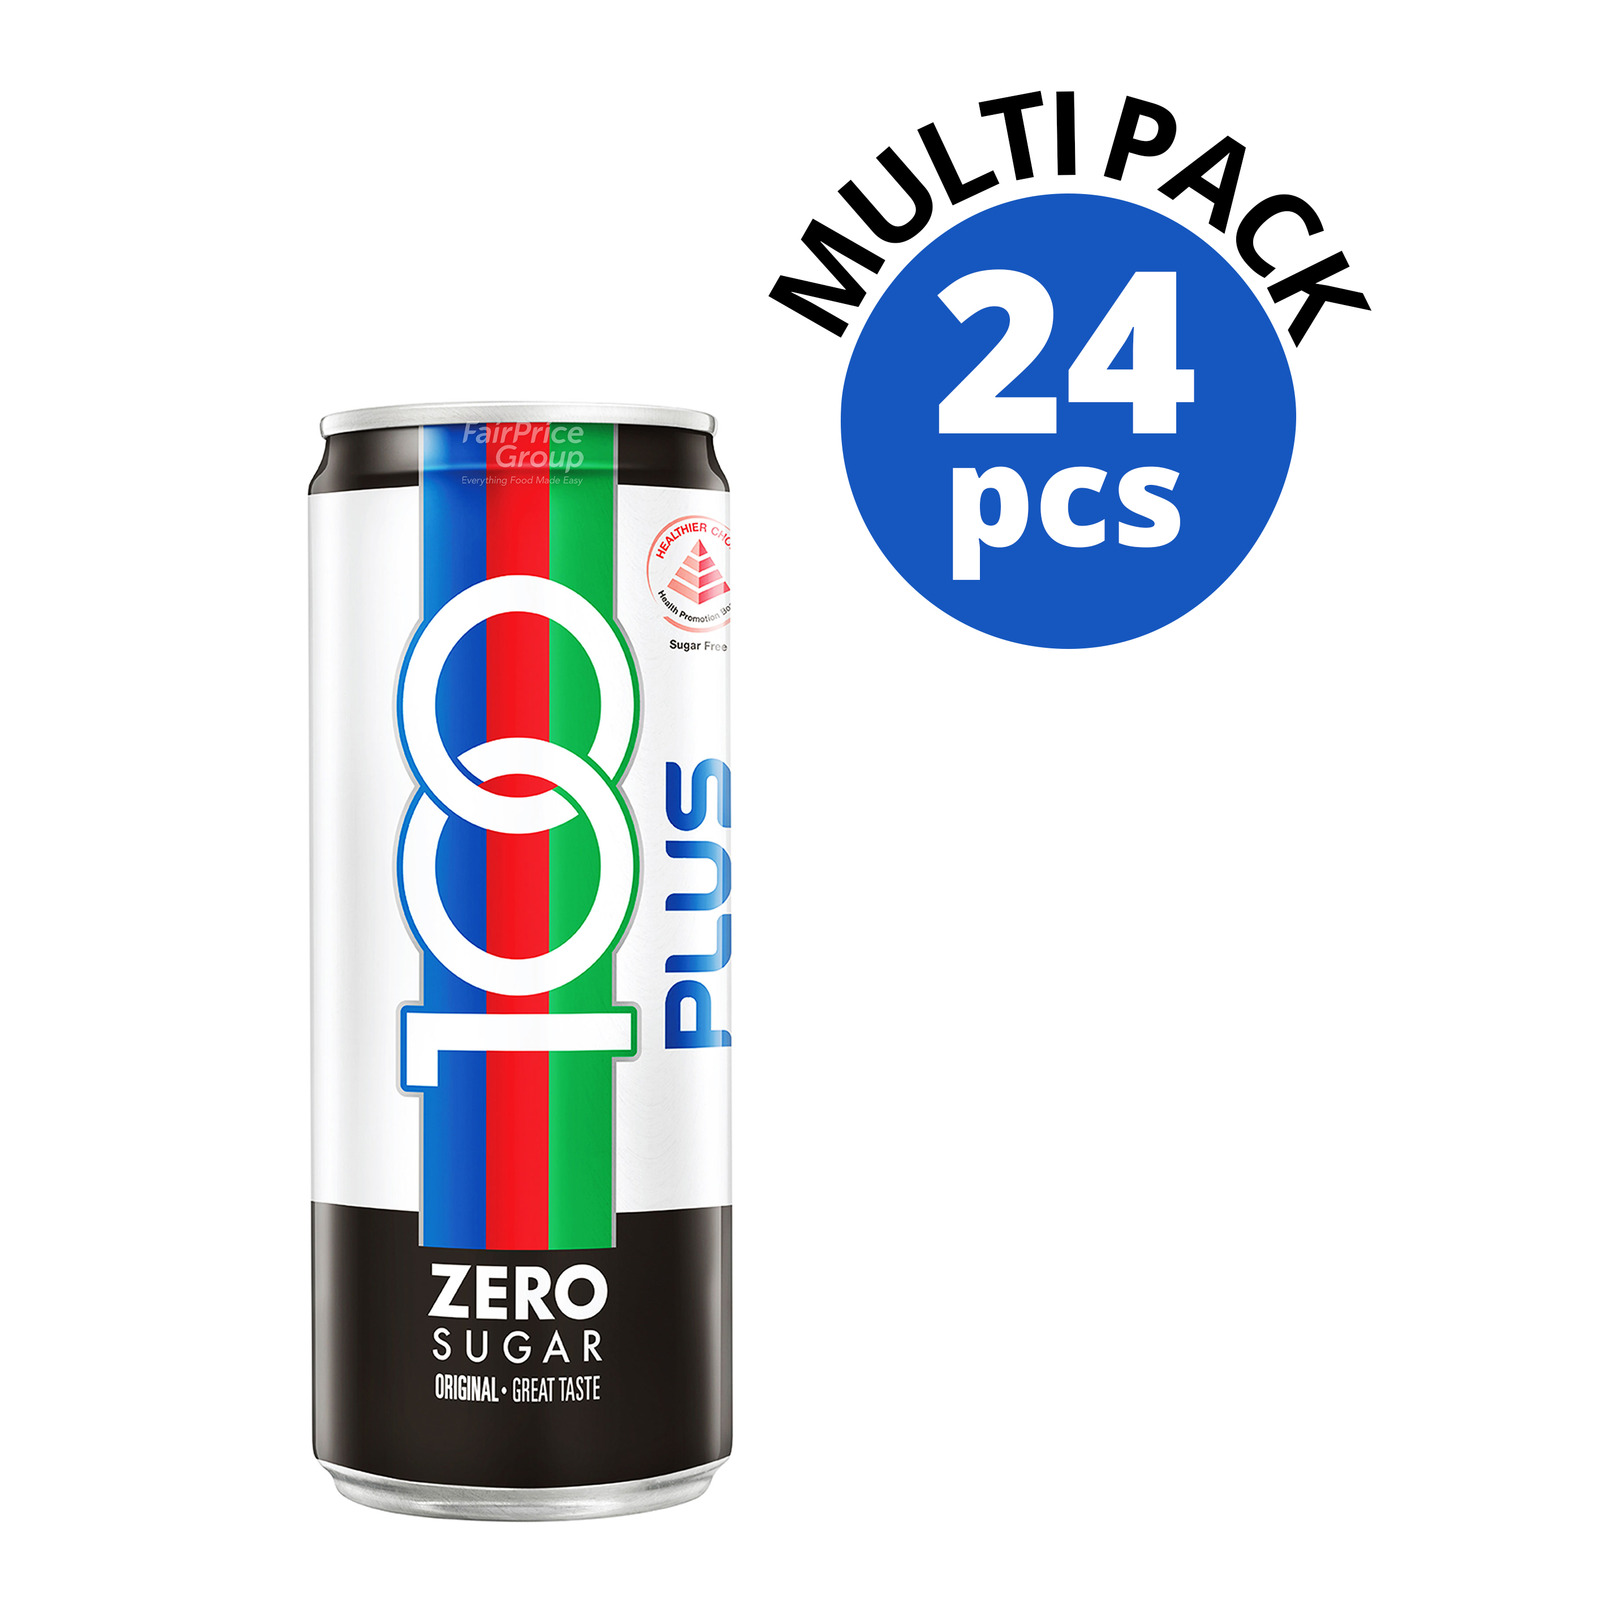 100 Plus Zero Sugar Can Drink - Original